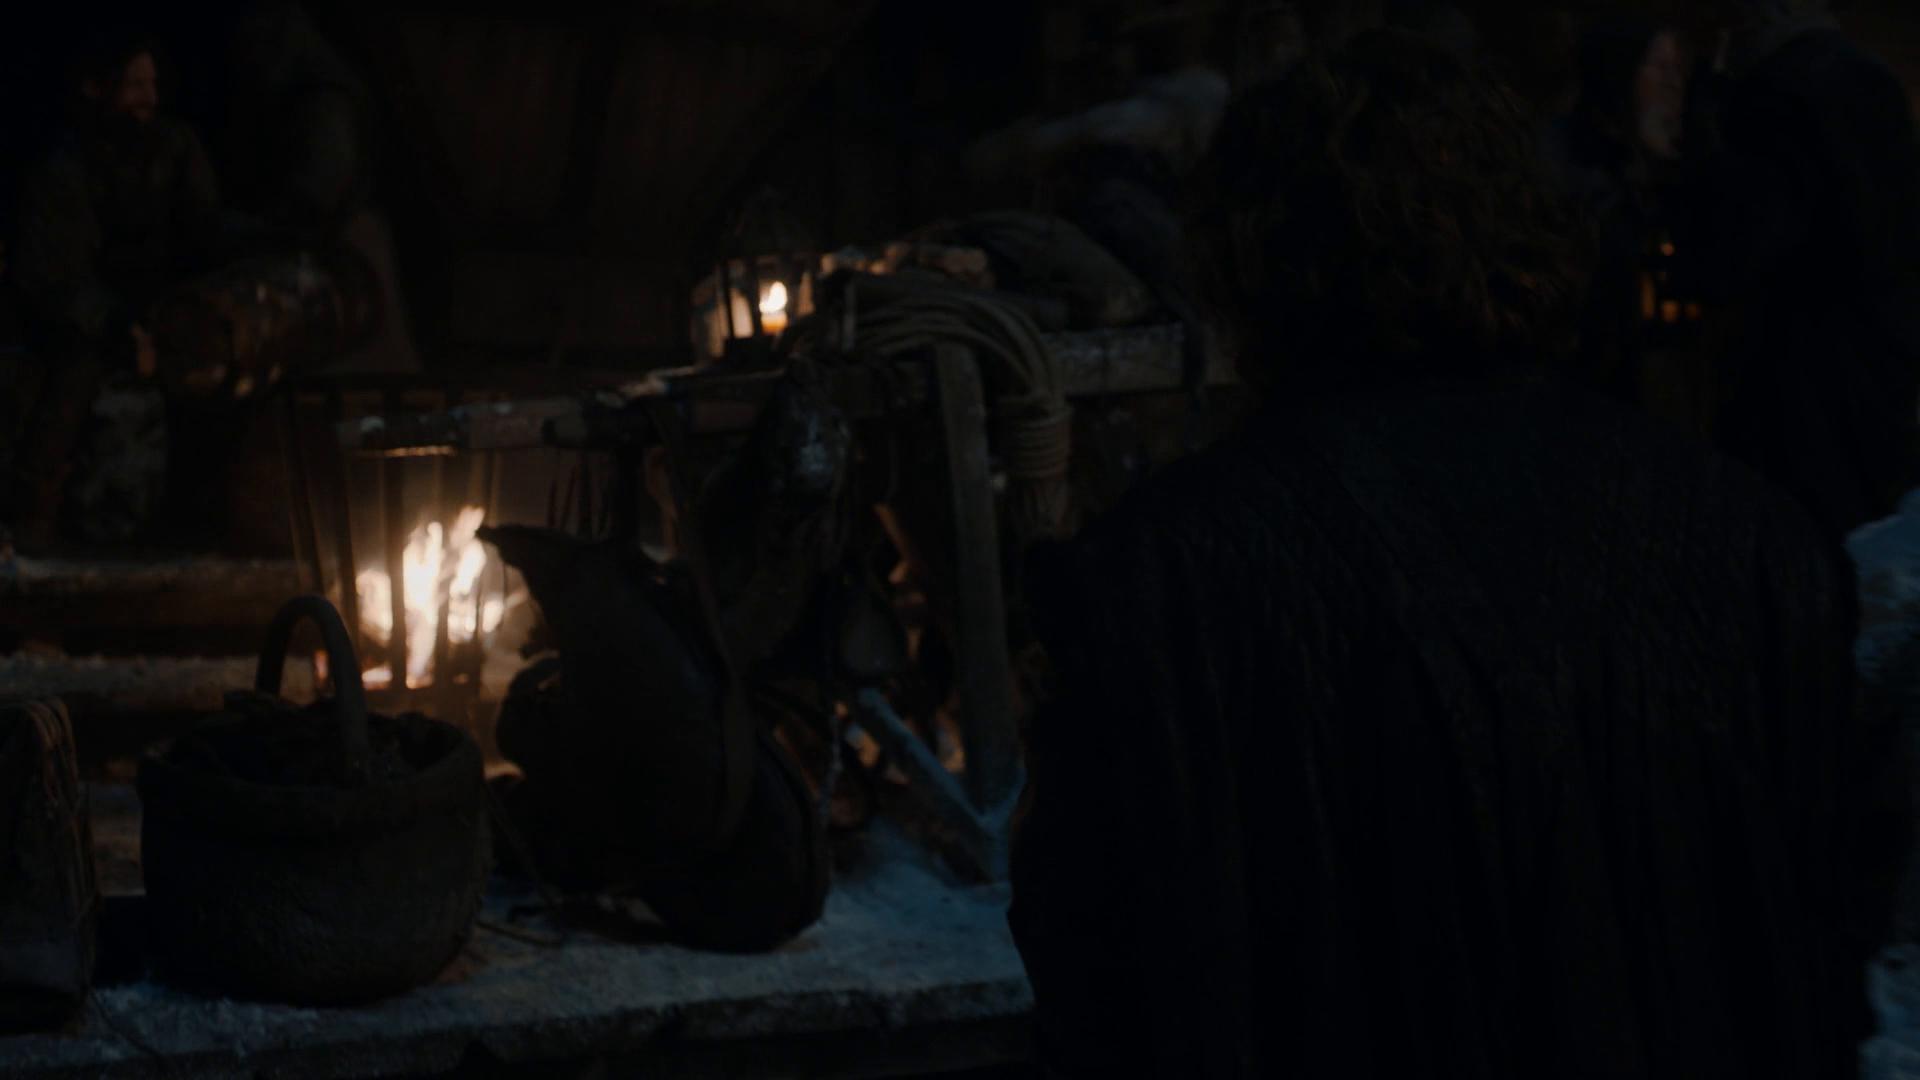 Game of Thrones S08E03 1080p WEB H264-MEMENTO